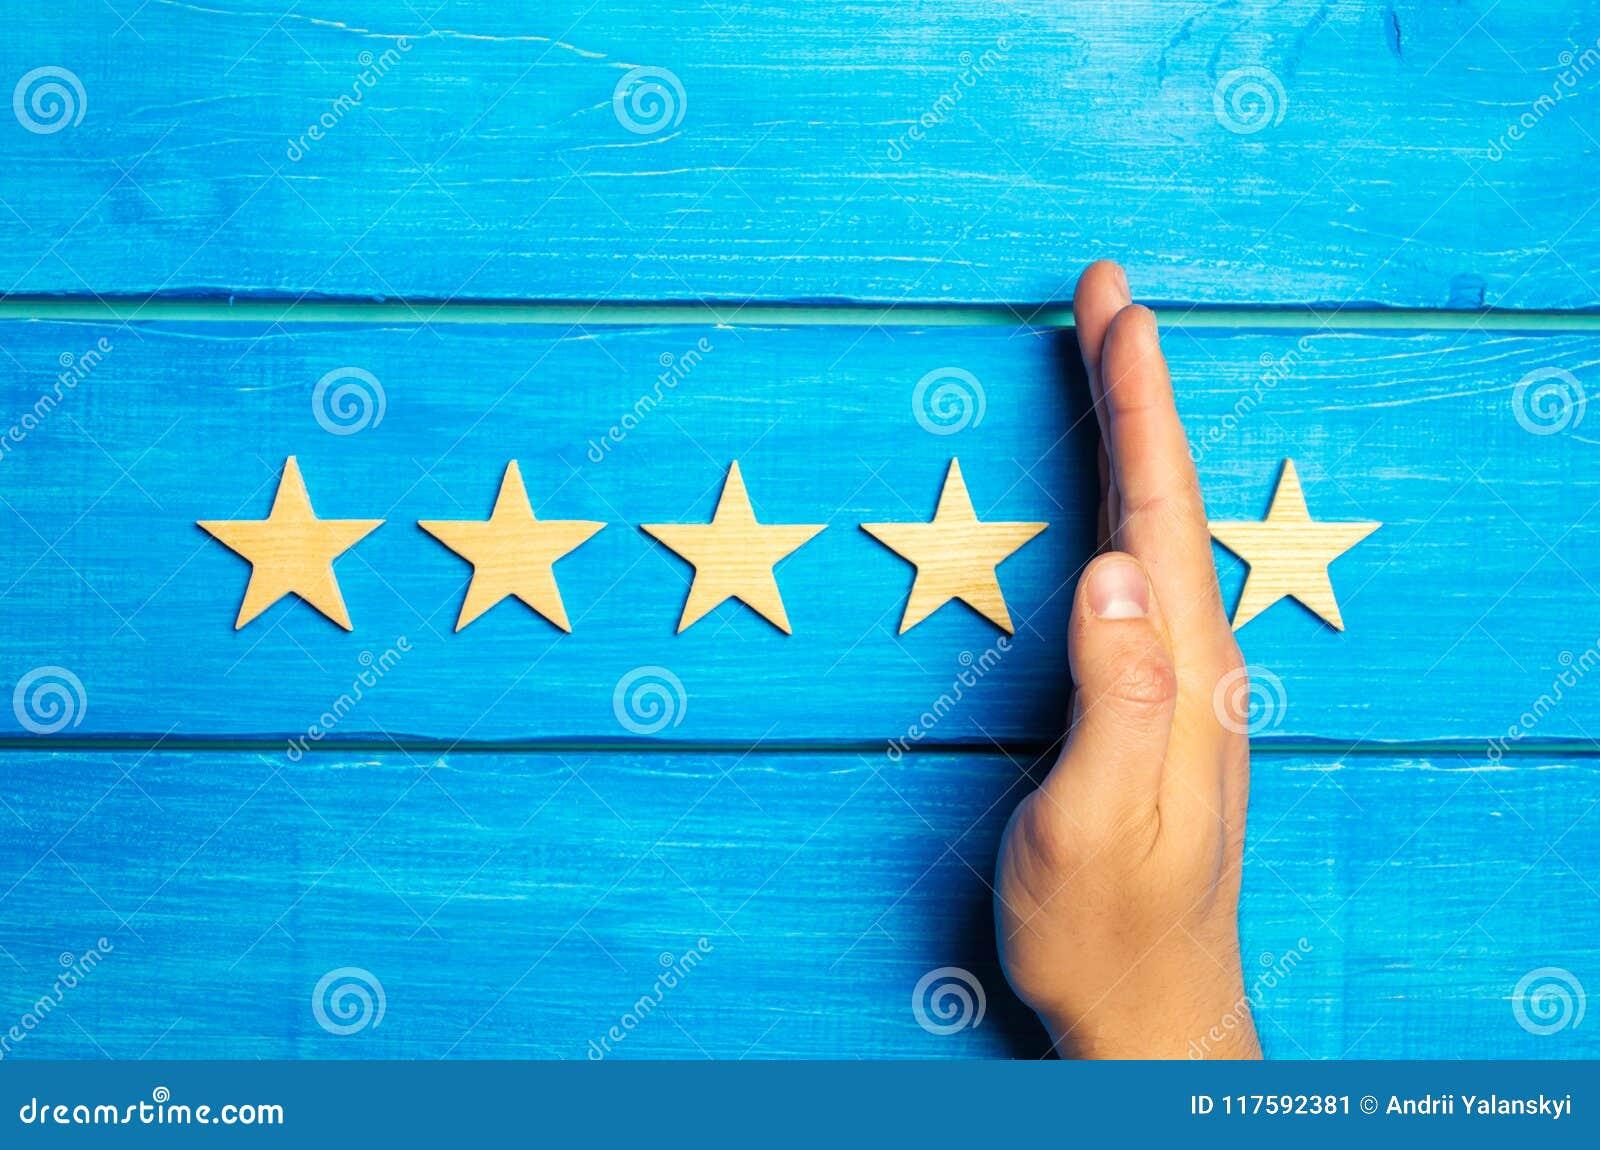 La main divise la cinquième étoile des quatre autres Évaluation de 5 étoiles, 4 étoiles Aperçu de restaurant, hôtel, café